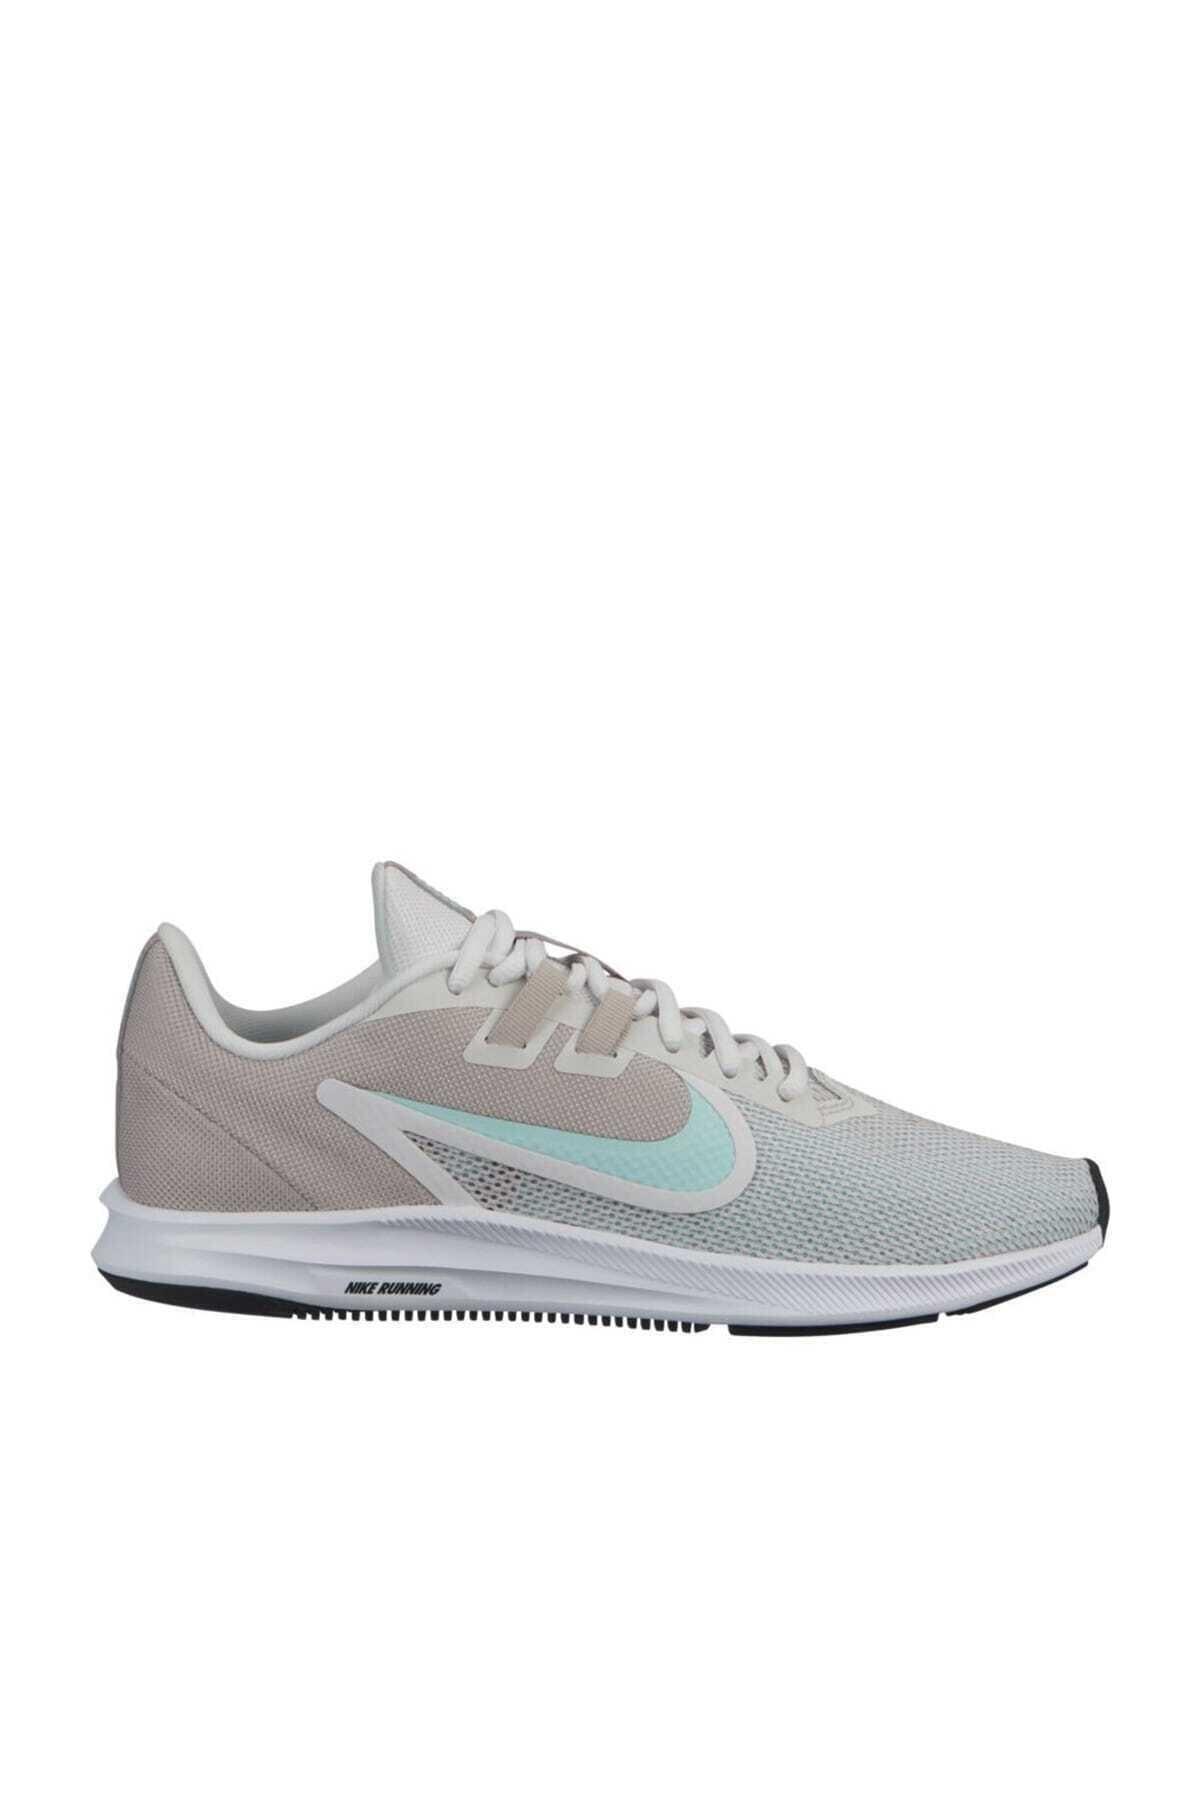 Nike Downshıfter 9 -kadın Spor Ayakkabı Aq7486-007 1